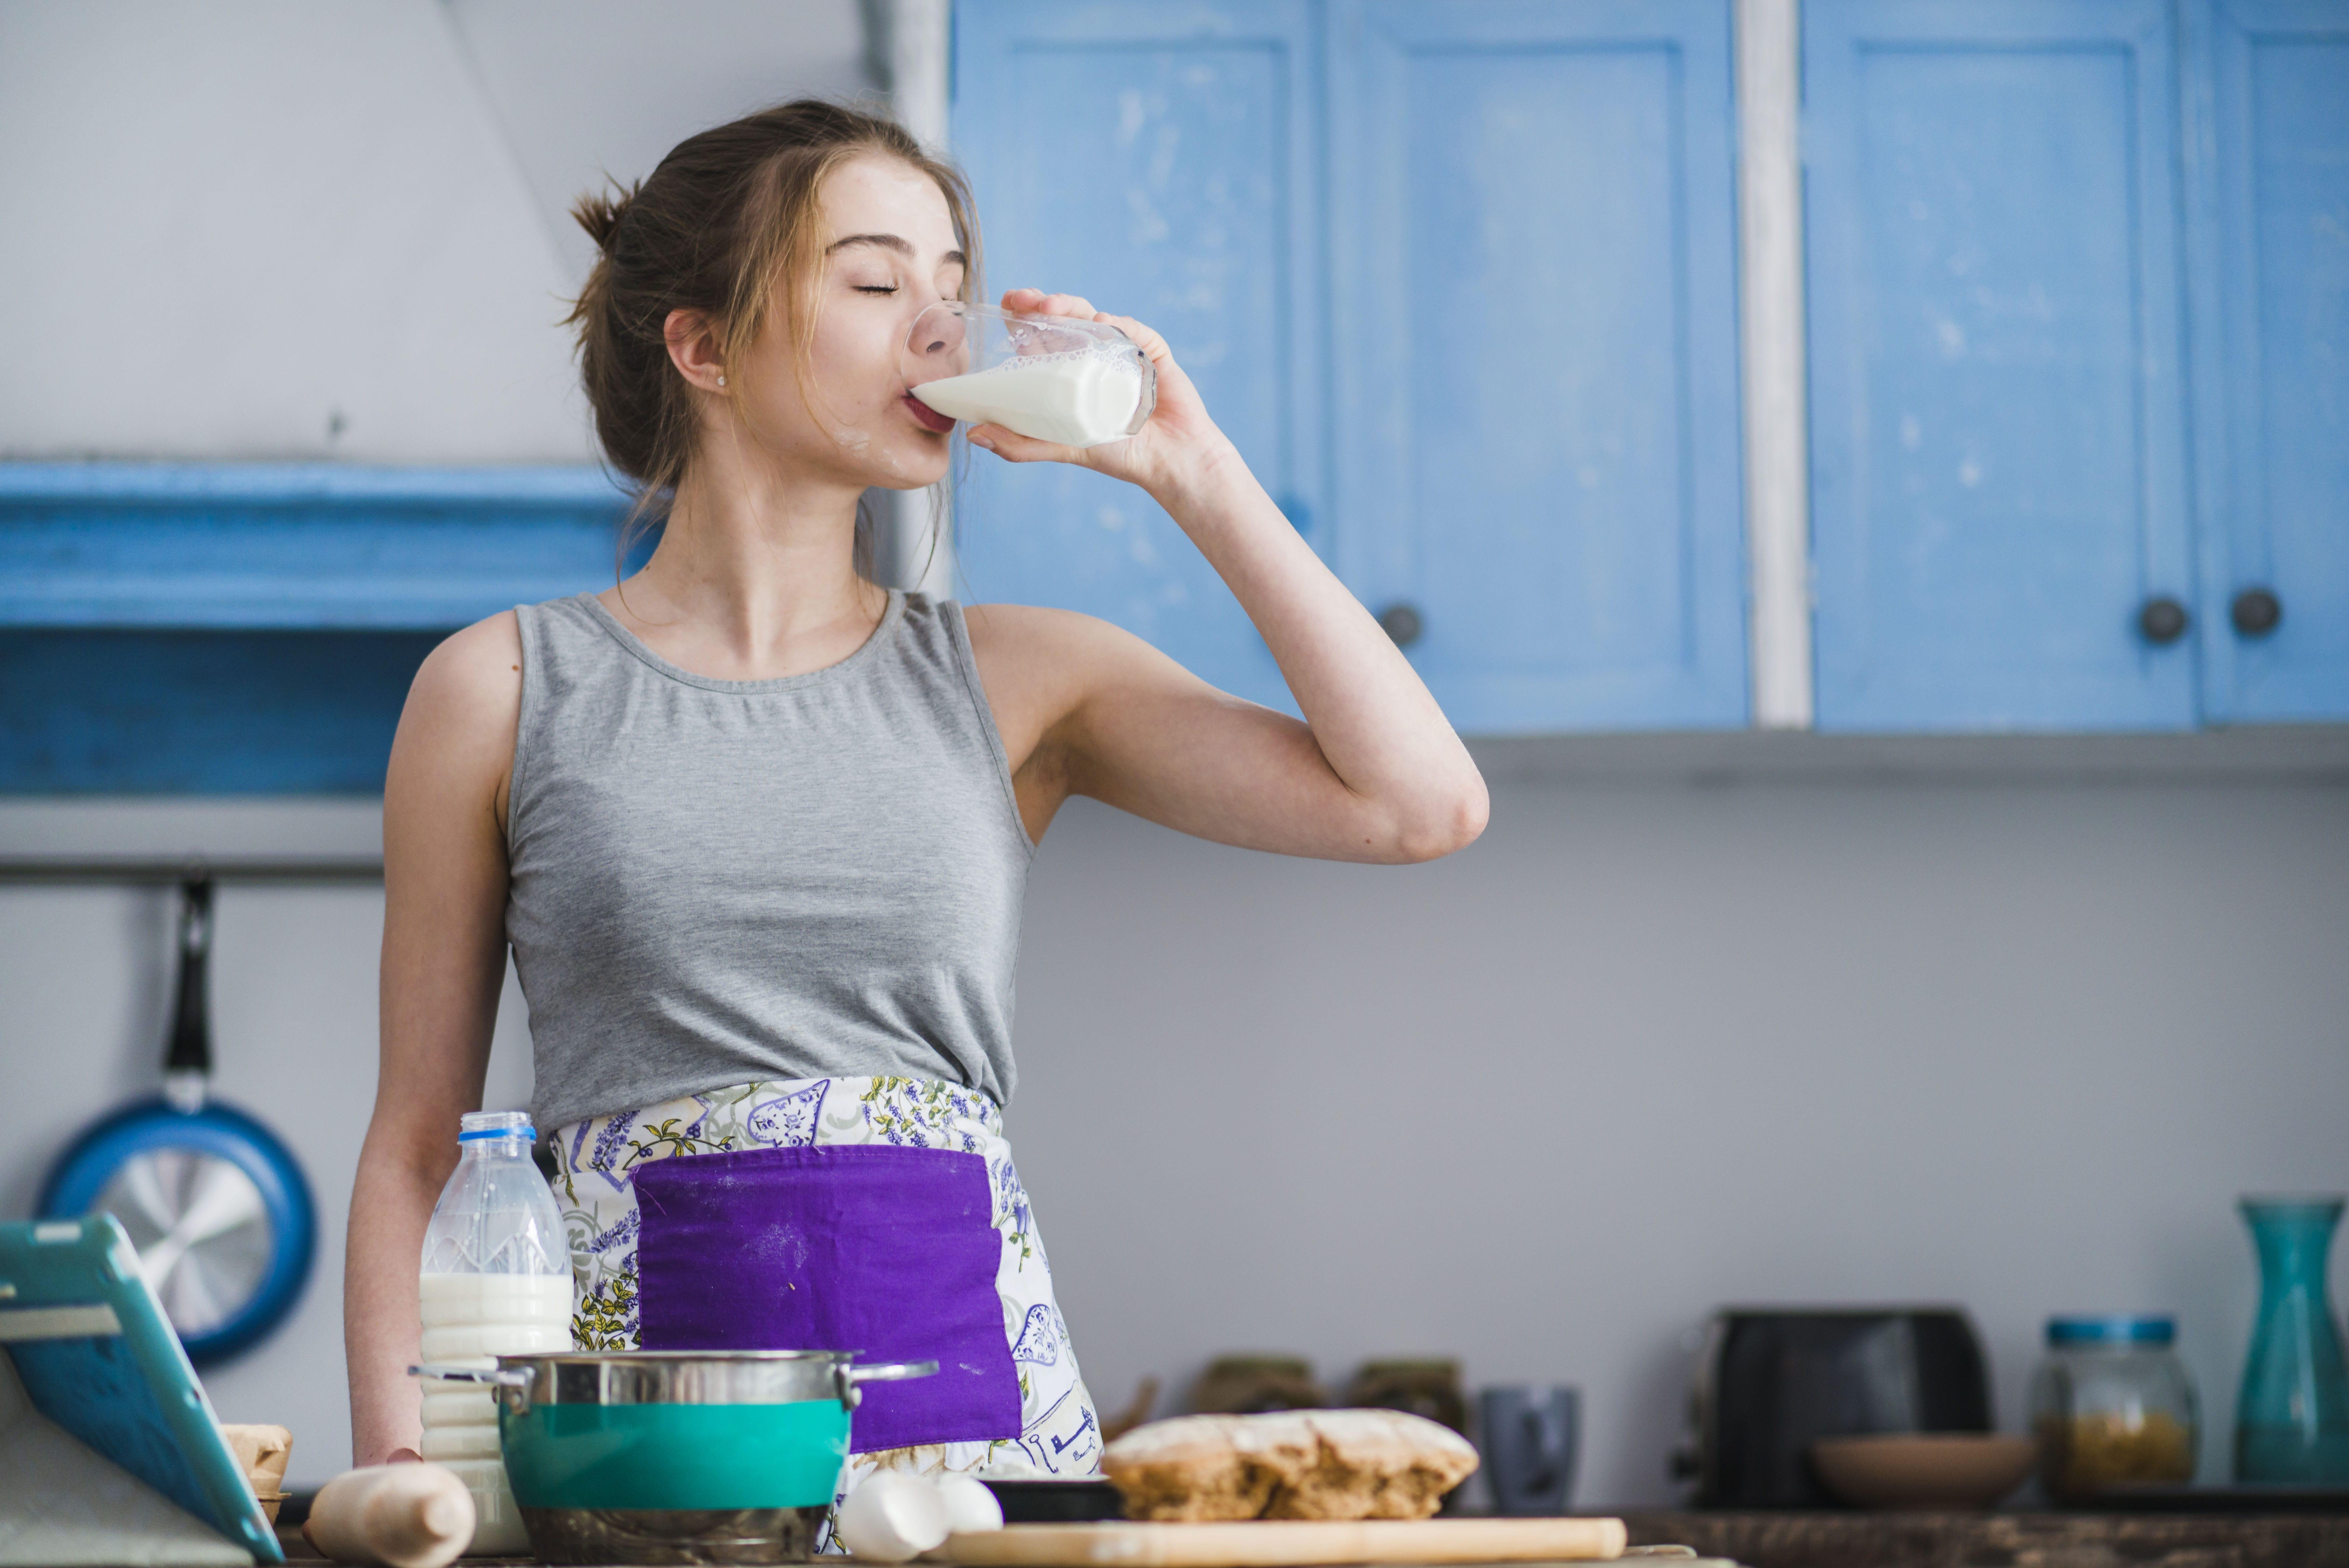 Es reicht nicht aus, lediglich den Tagesbedarf an Nährstoffen zu decken. Wir müssen auch darauf achten, den Körper nicht zu einseitig zu ernähren - in diesem Fall zu kalt oder zu warm.